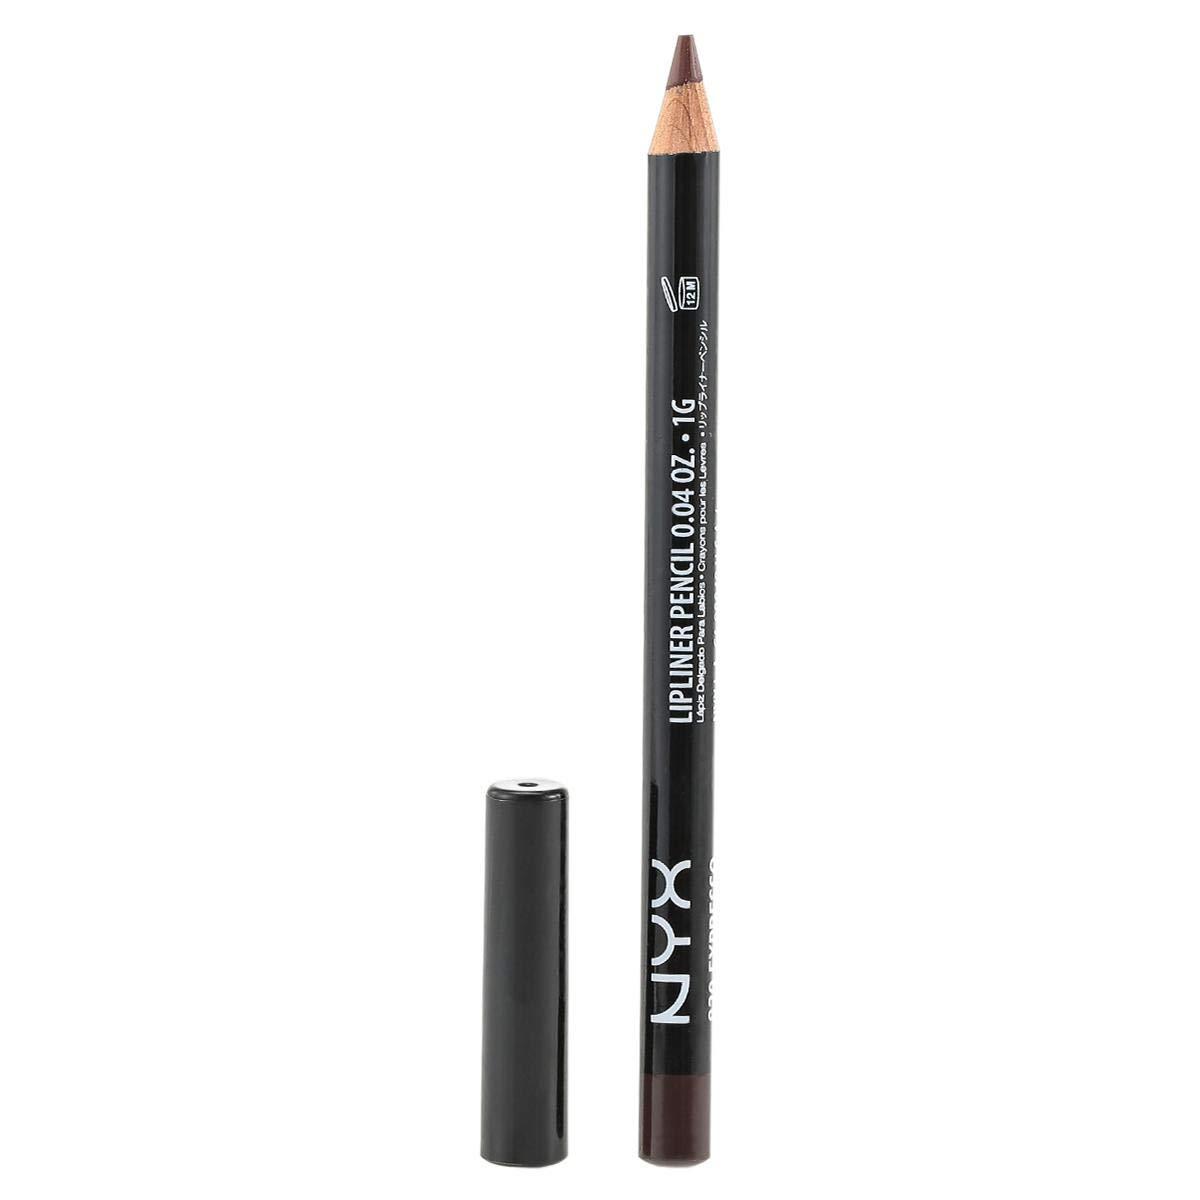 NYX Slim Lip Liner Pencil -Color Espresso - SLP 820 (NYX-SPL820)